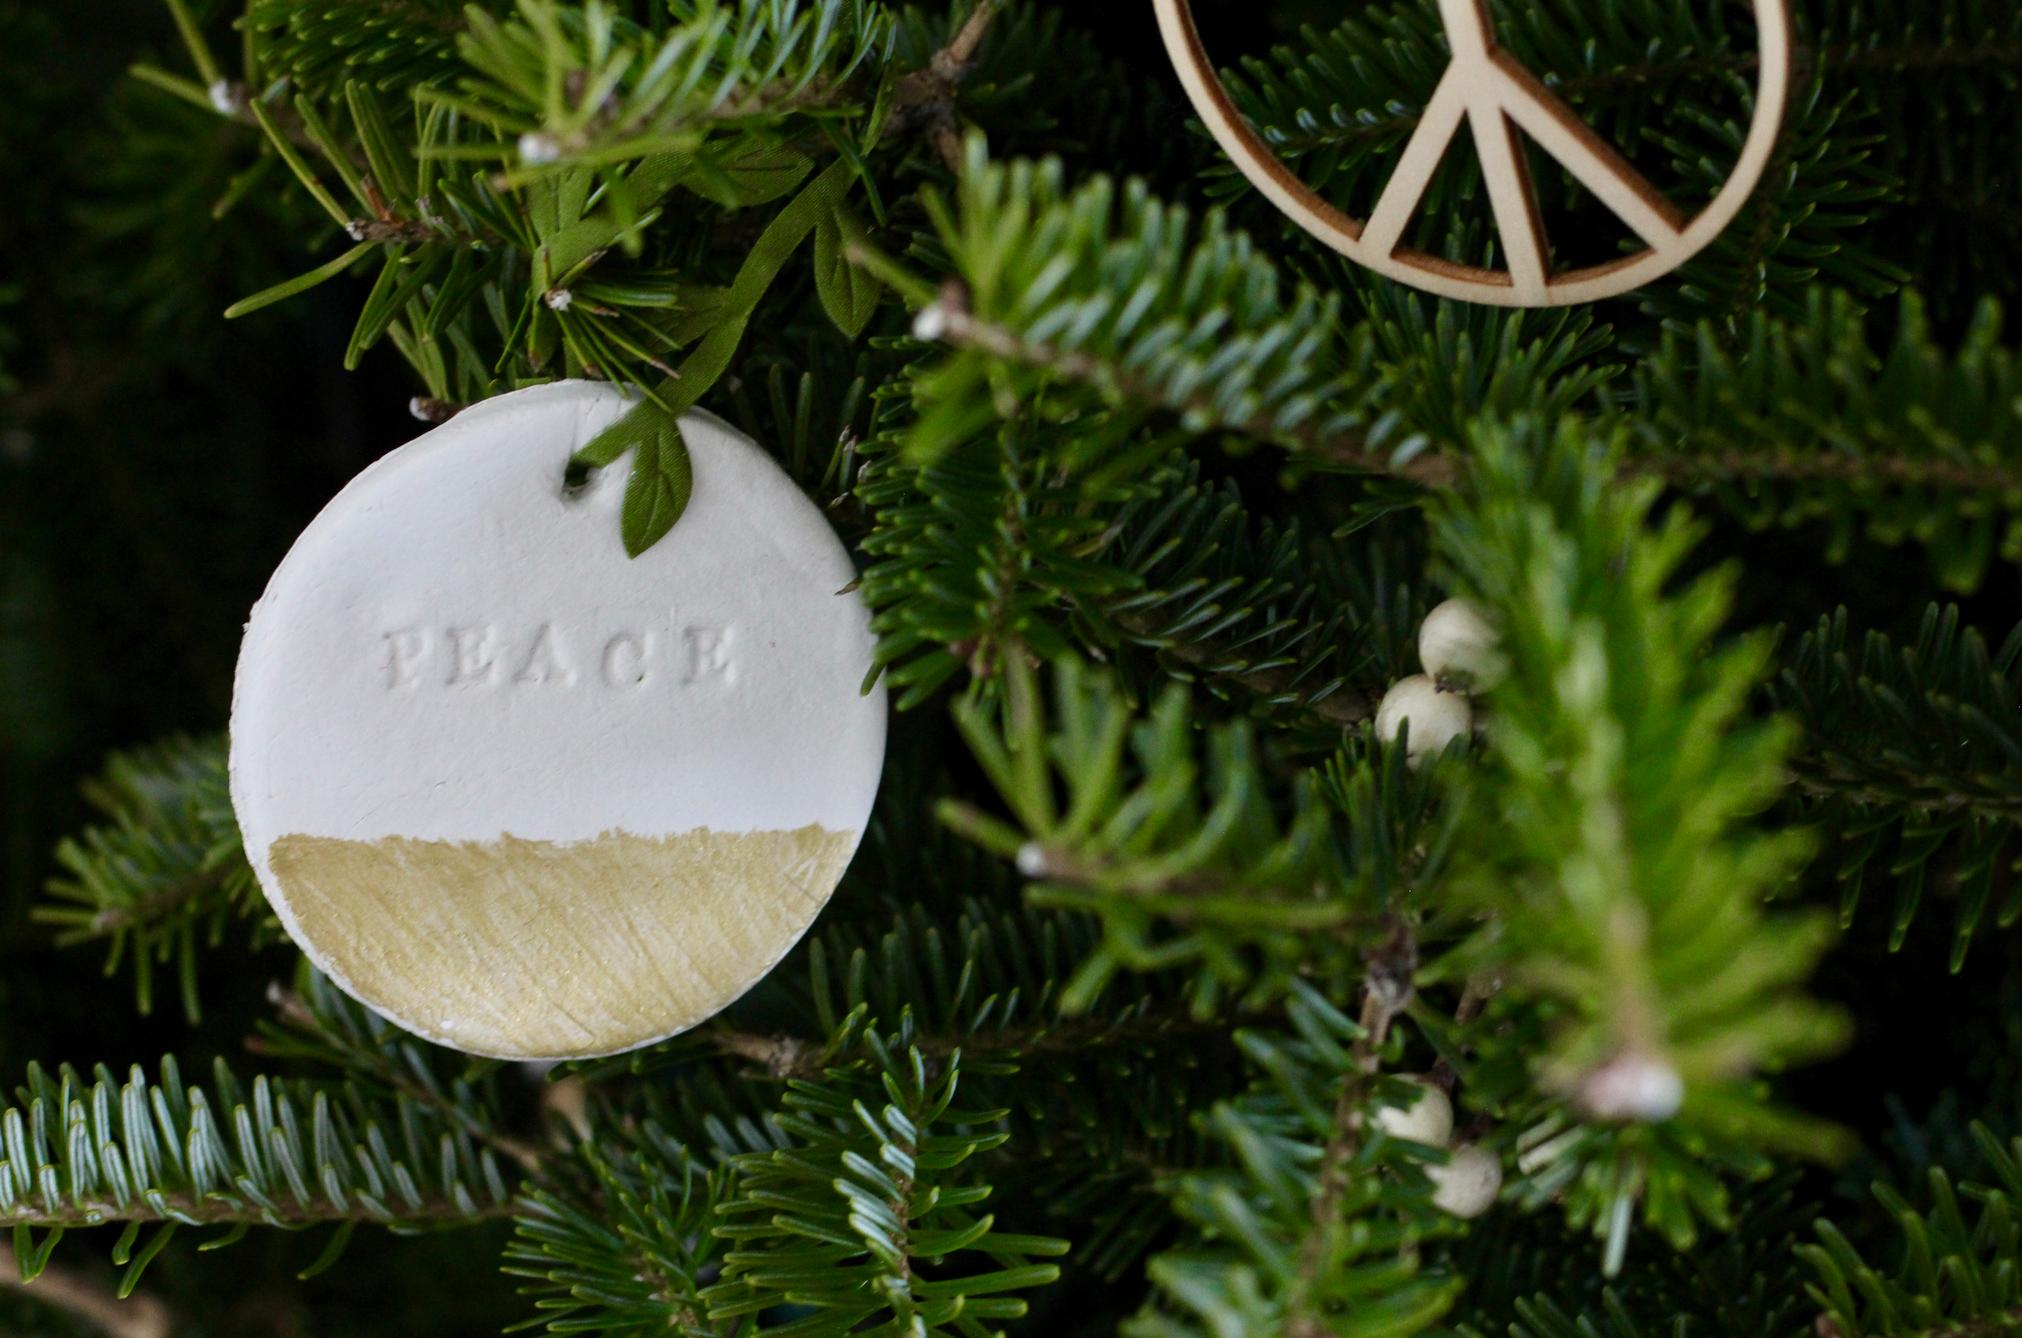 DIY Peace ornament